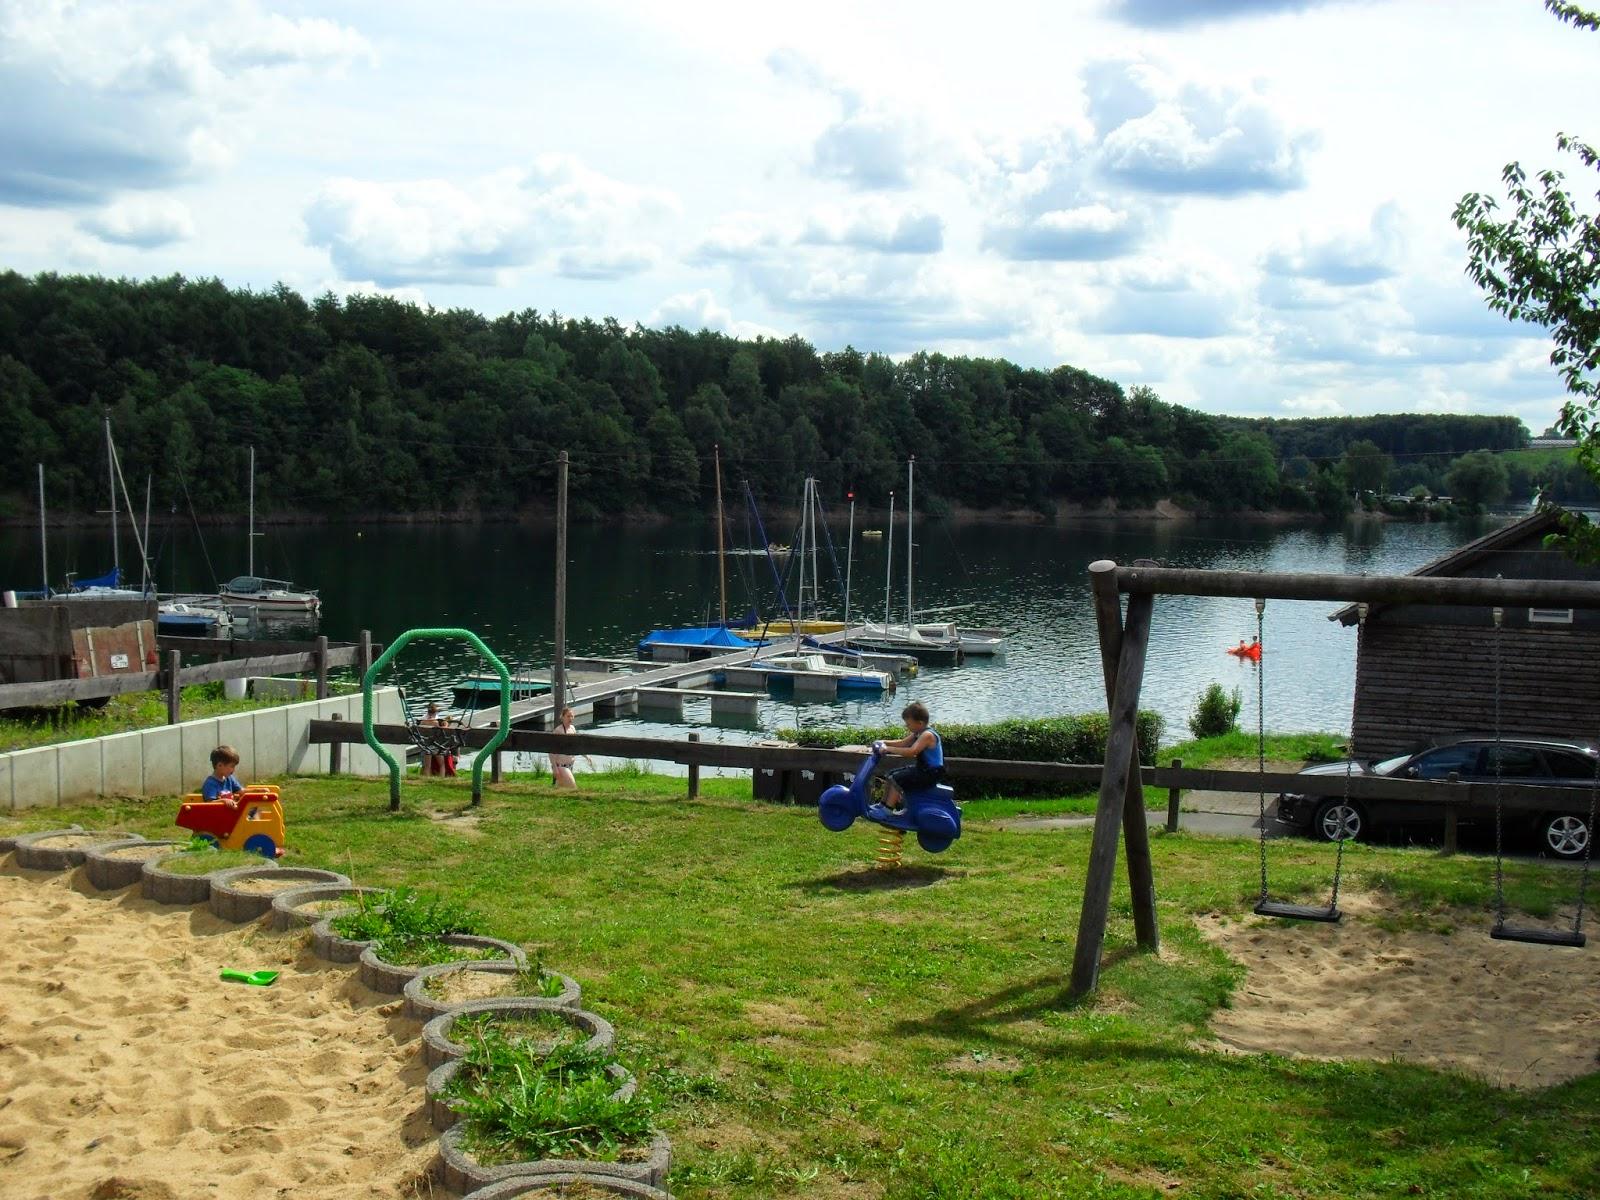 Spielplatz auf dem Campingplatz Großberghausen / Bevertalsperre